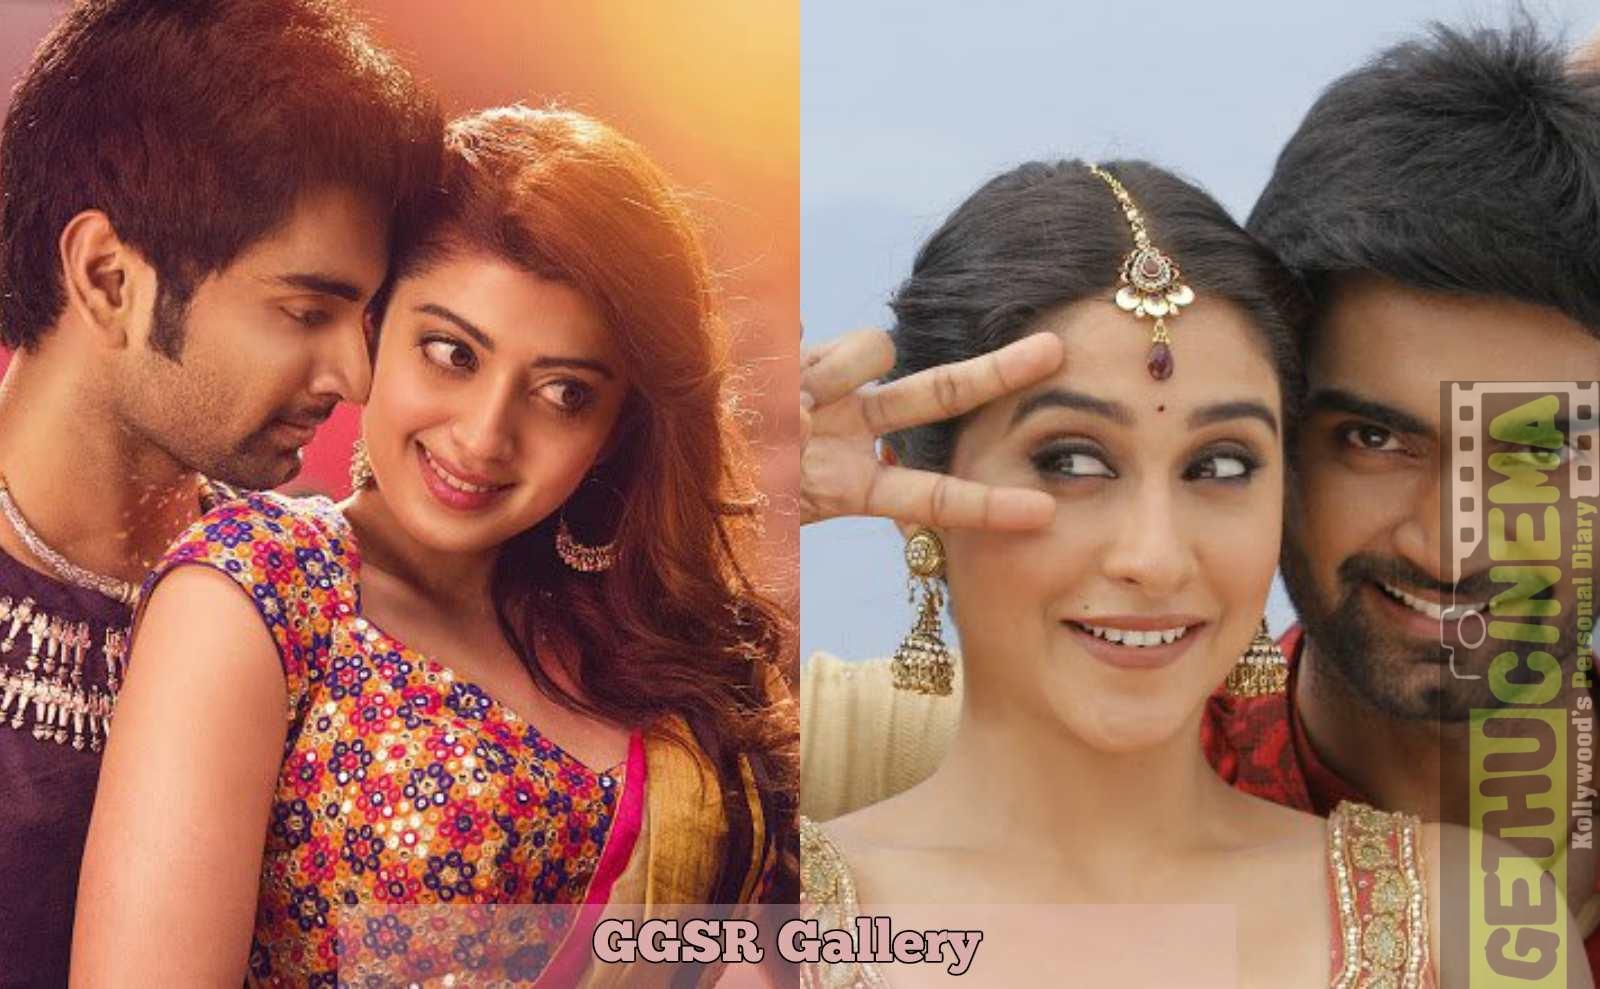 Tag Gemini Ganeshanum Suruli Raajanum Movie Ggsr Movie Atharvaa Soori Regina Aishwarya Rajesh Pranitha Atharvaa Latest Photos Hd Stills